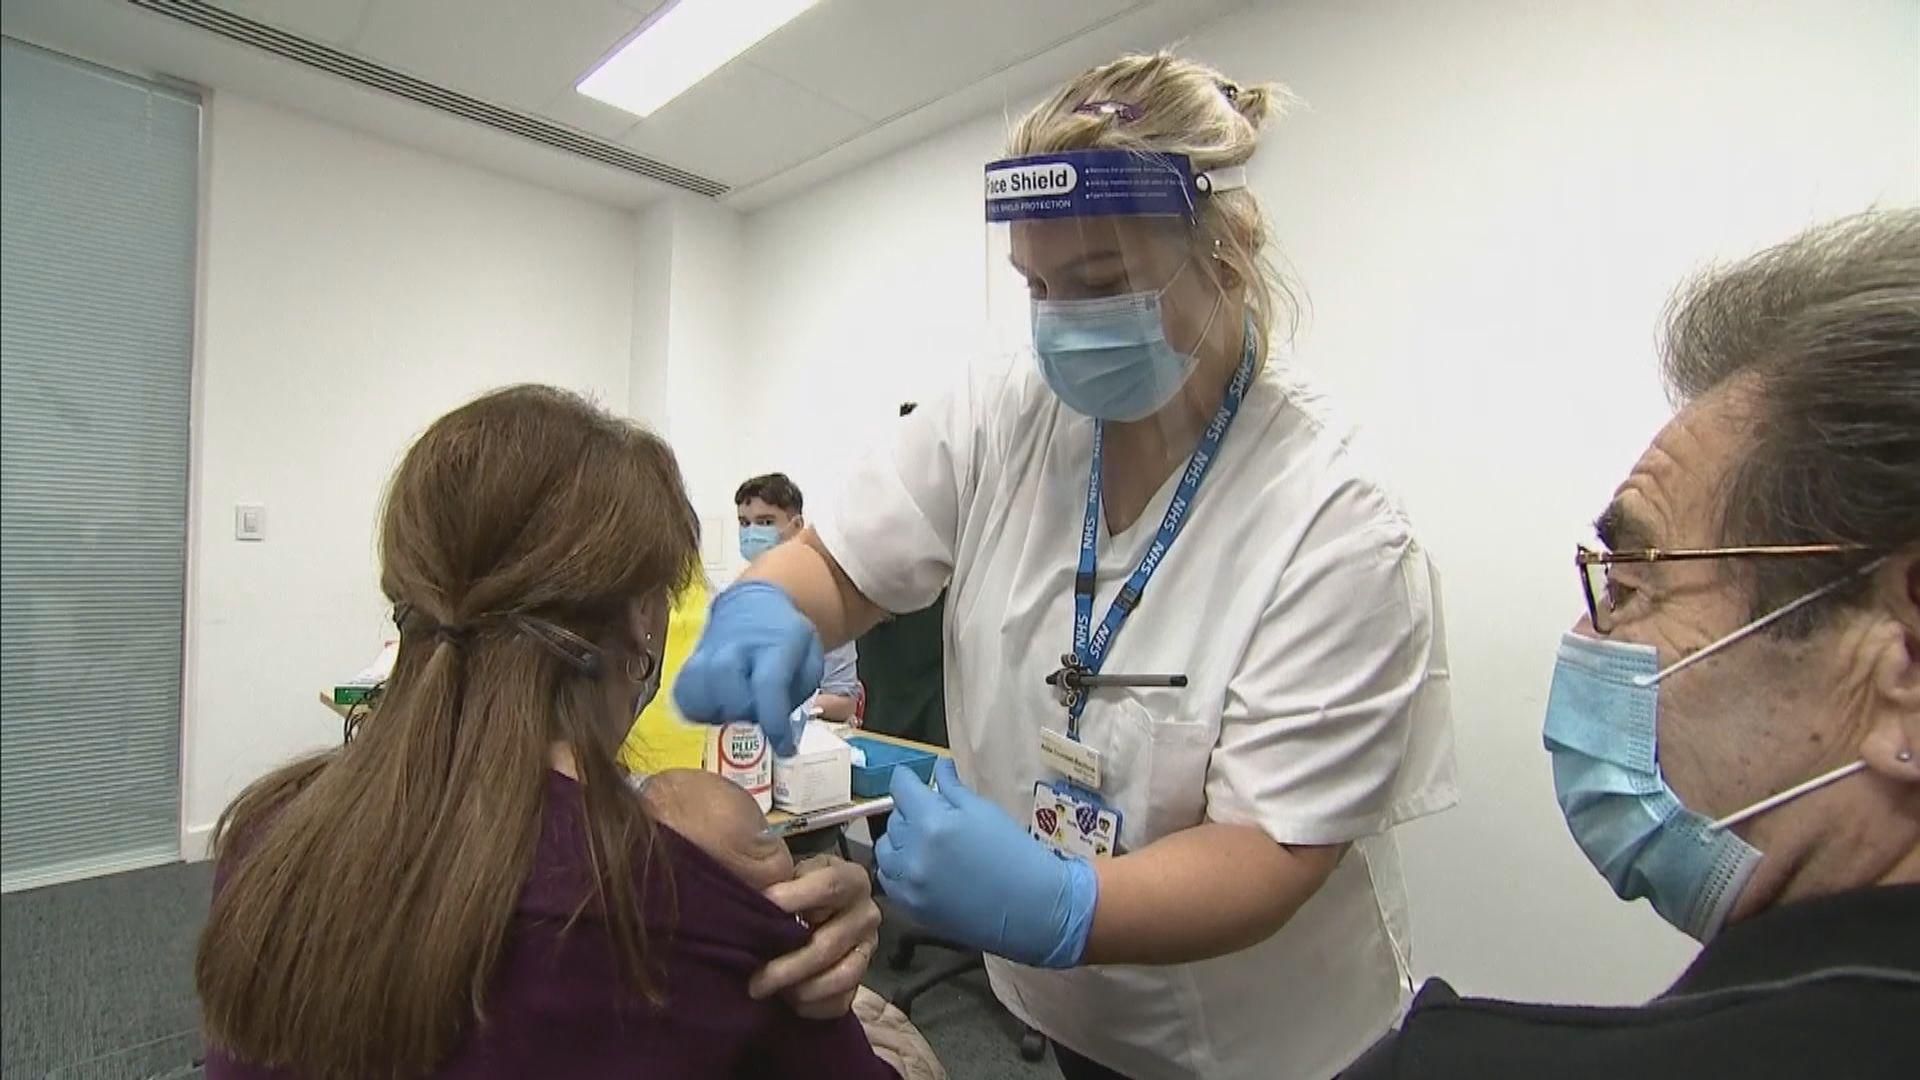 英國引入莫德納疫苗 首劑在威爾士接種